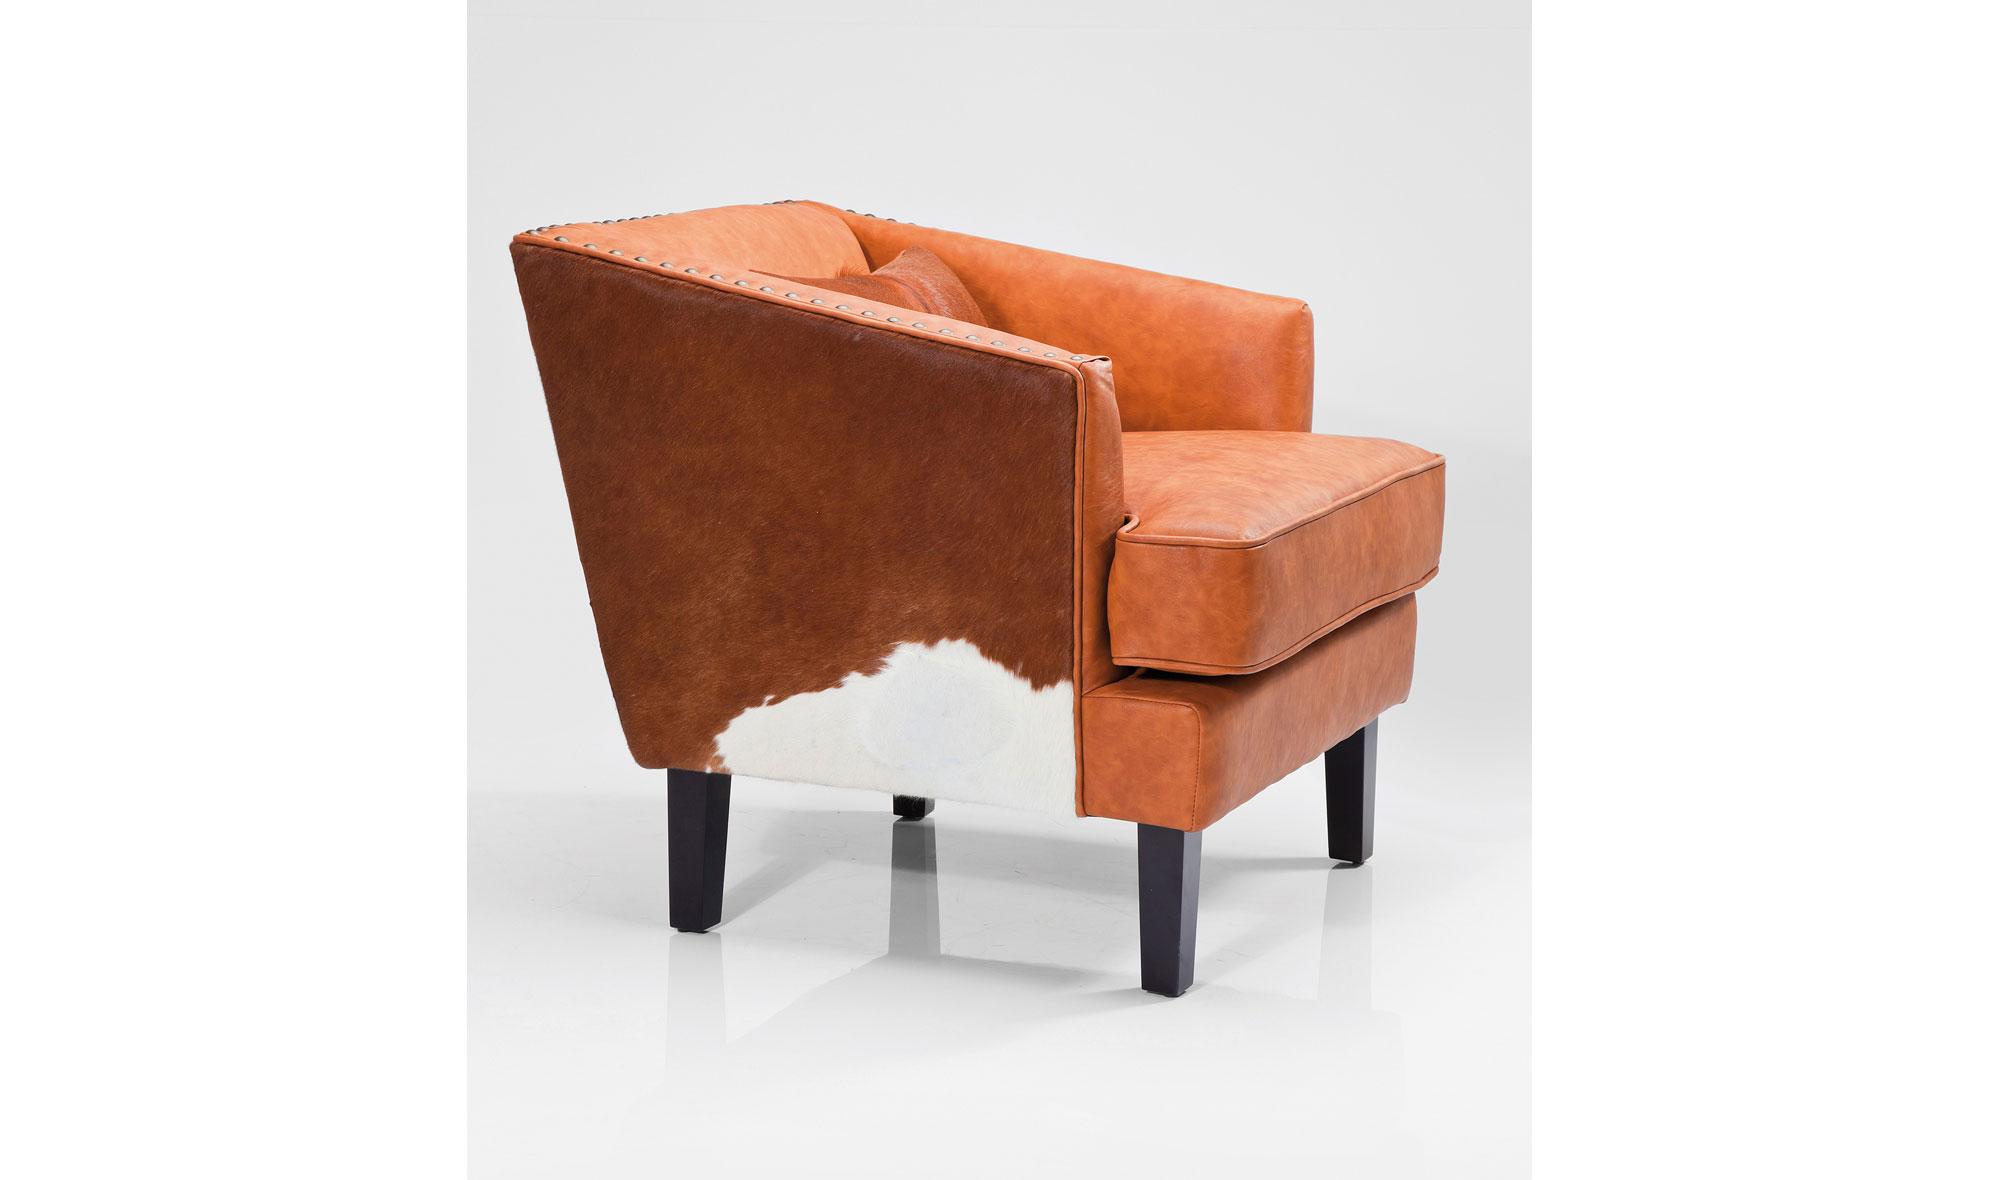 Muebles madera tallada 20170827145058 - Muebles de madera natural ...